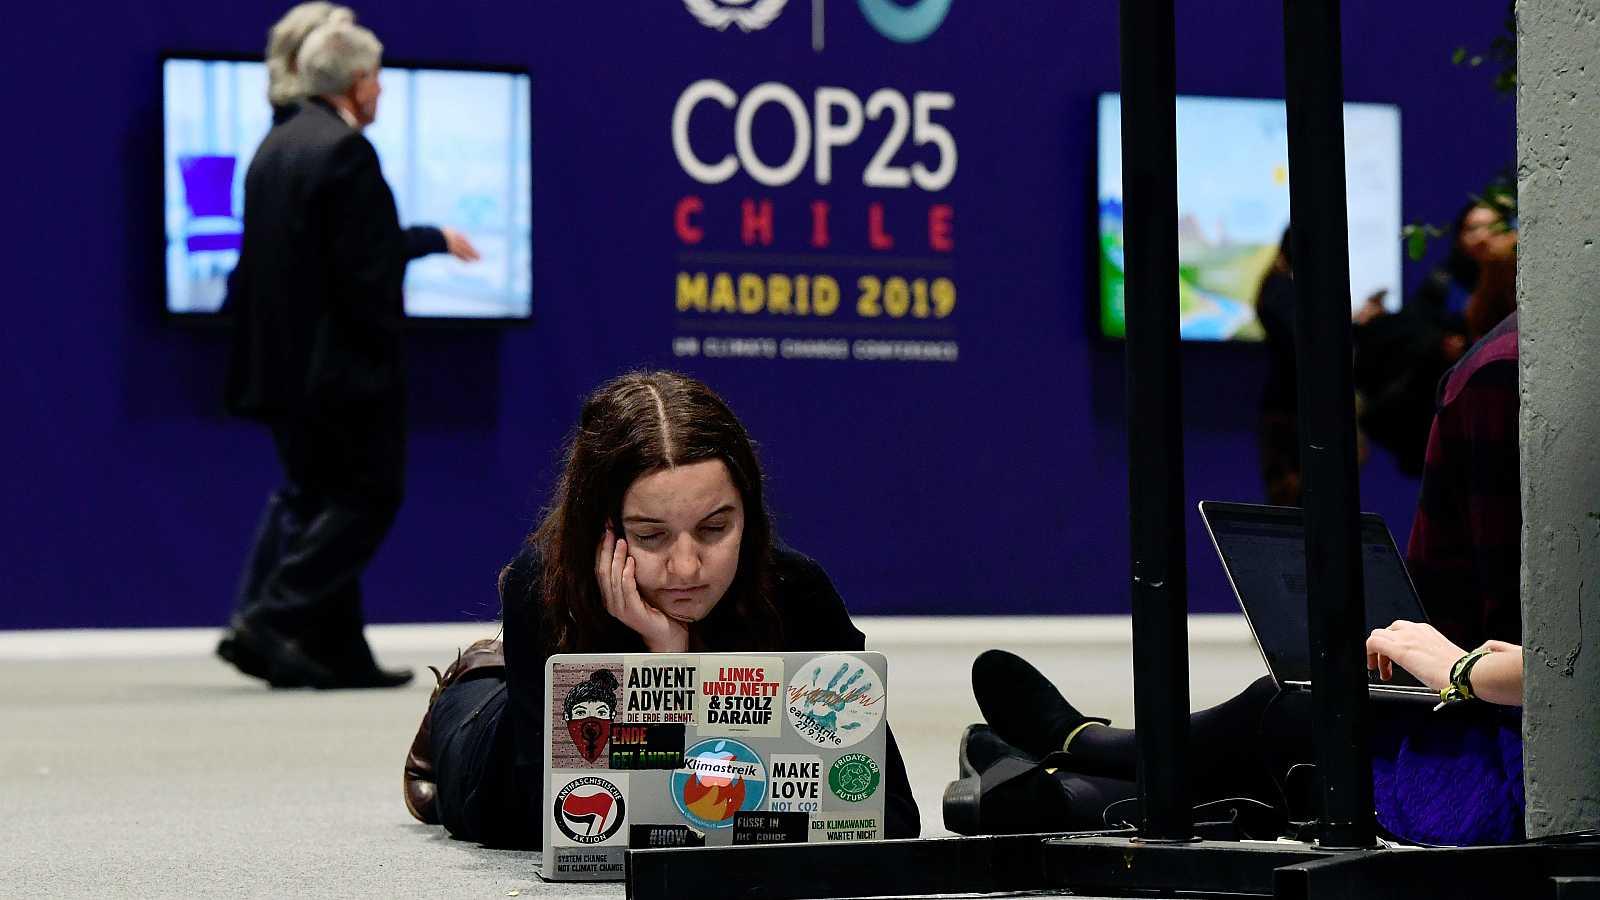 La Cumbre del Clima COP25 de Madrid no termina de vislumbrar un horizonte claro después de más de diez intensas jornadas. El encuentro de la ONU afronta su último día y las negociaciones permanecen estancadas en los atolladeros más importantes, los y